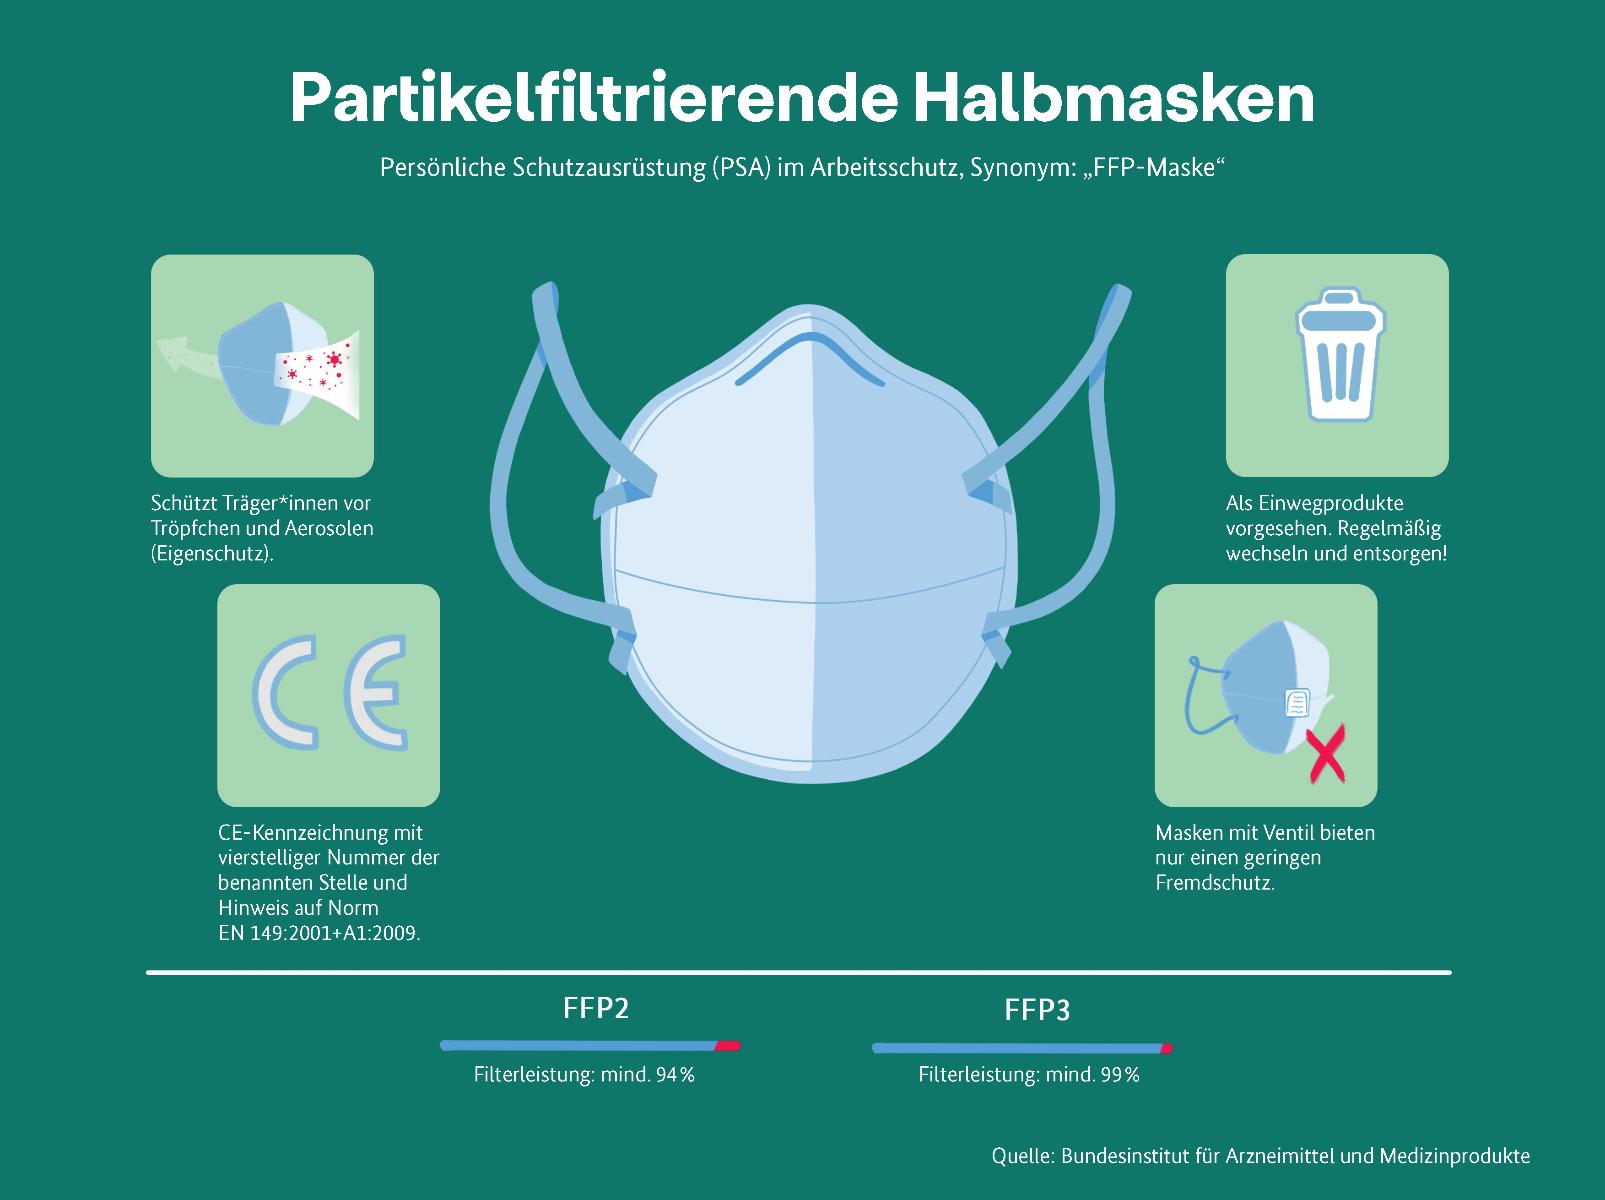 BIAM Partikelfilternde Halbmaske FFP2